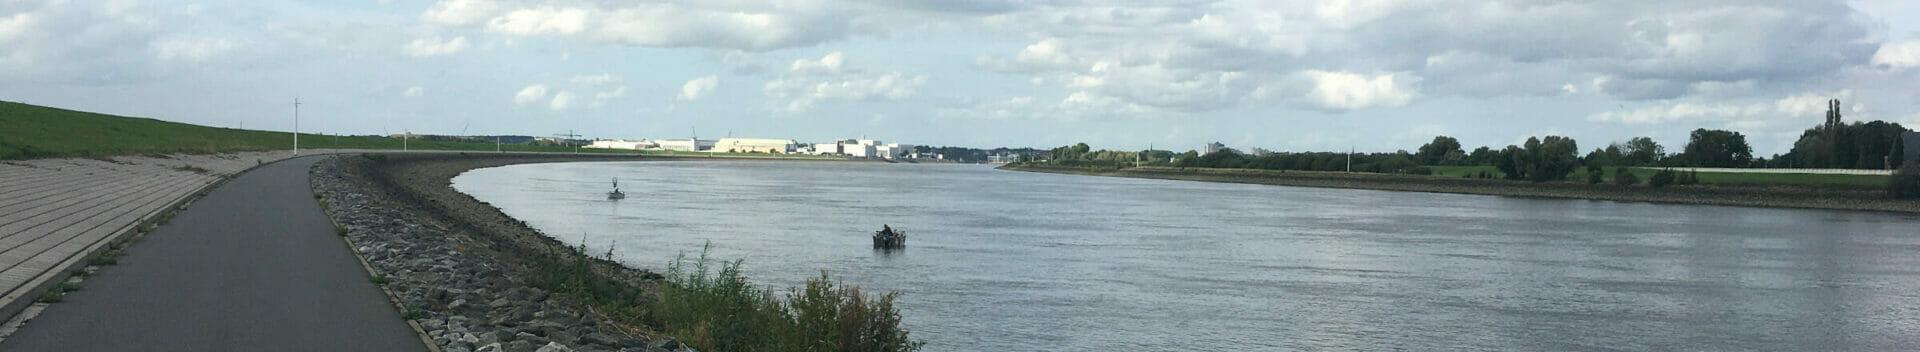 Braake Weser - Weserradweg